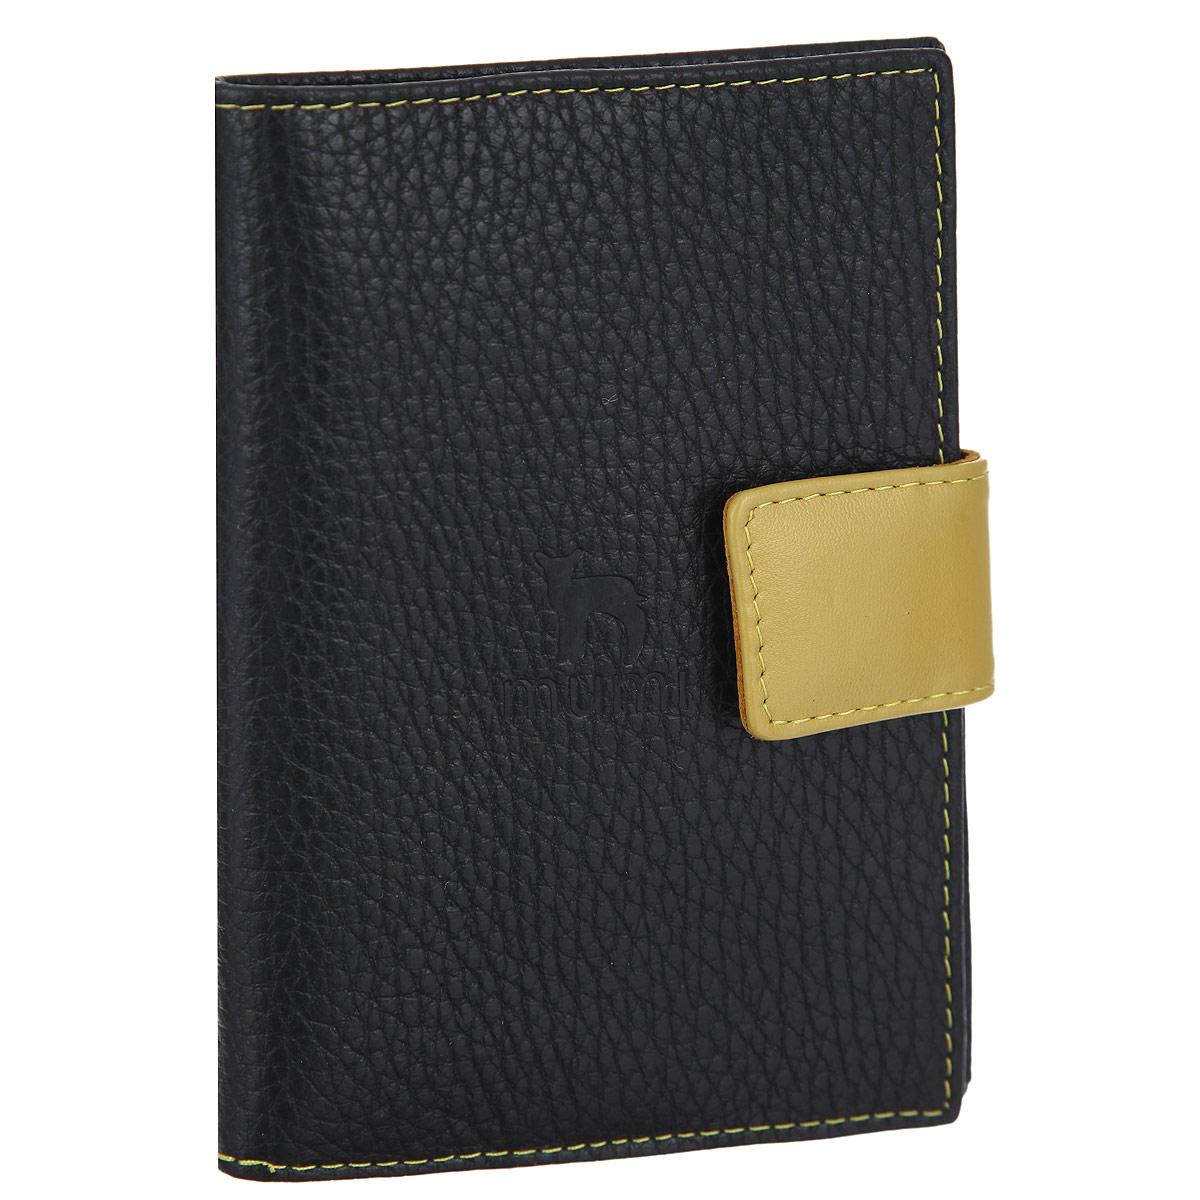 Обложка для паспорта женская Dimanche Mumi, цвет: черный, янтарный. 060060Обложка для паспорта женская Dimanche Mumi выполнена из натуральной кожи в черном, янтарном цвете и оформлена тиснением в виде логотипа коллекции Mumi. Закрывается при помощи хлястика на кнопку. На внутреннем развороте слева имеется дополнительный кармашек. Обложка для паспорта упакована в фирменную пластиковую сумку-чехол с логотипом бренда. Обложка не только поможет сохранить внешний вид ваших документов и защитить их от повреждений, но и станет стильным аксессуаром, идеально подходящим вашему образу!